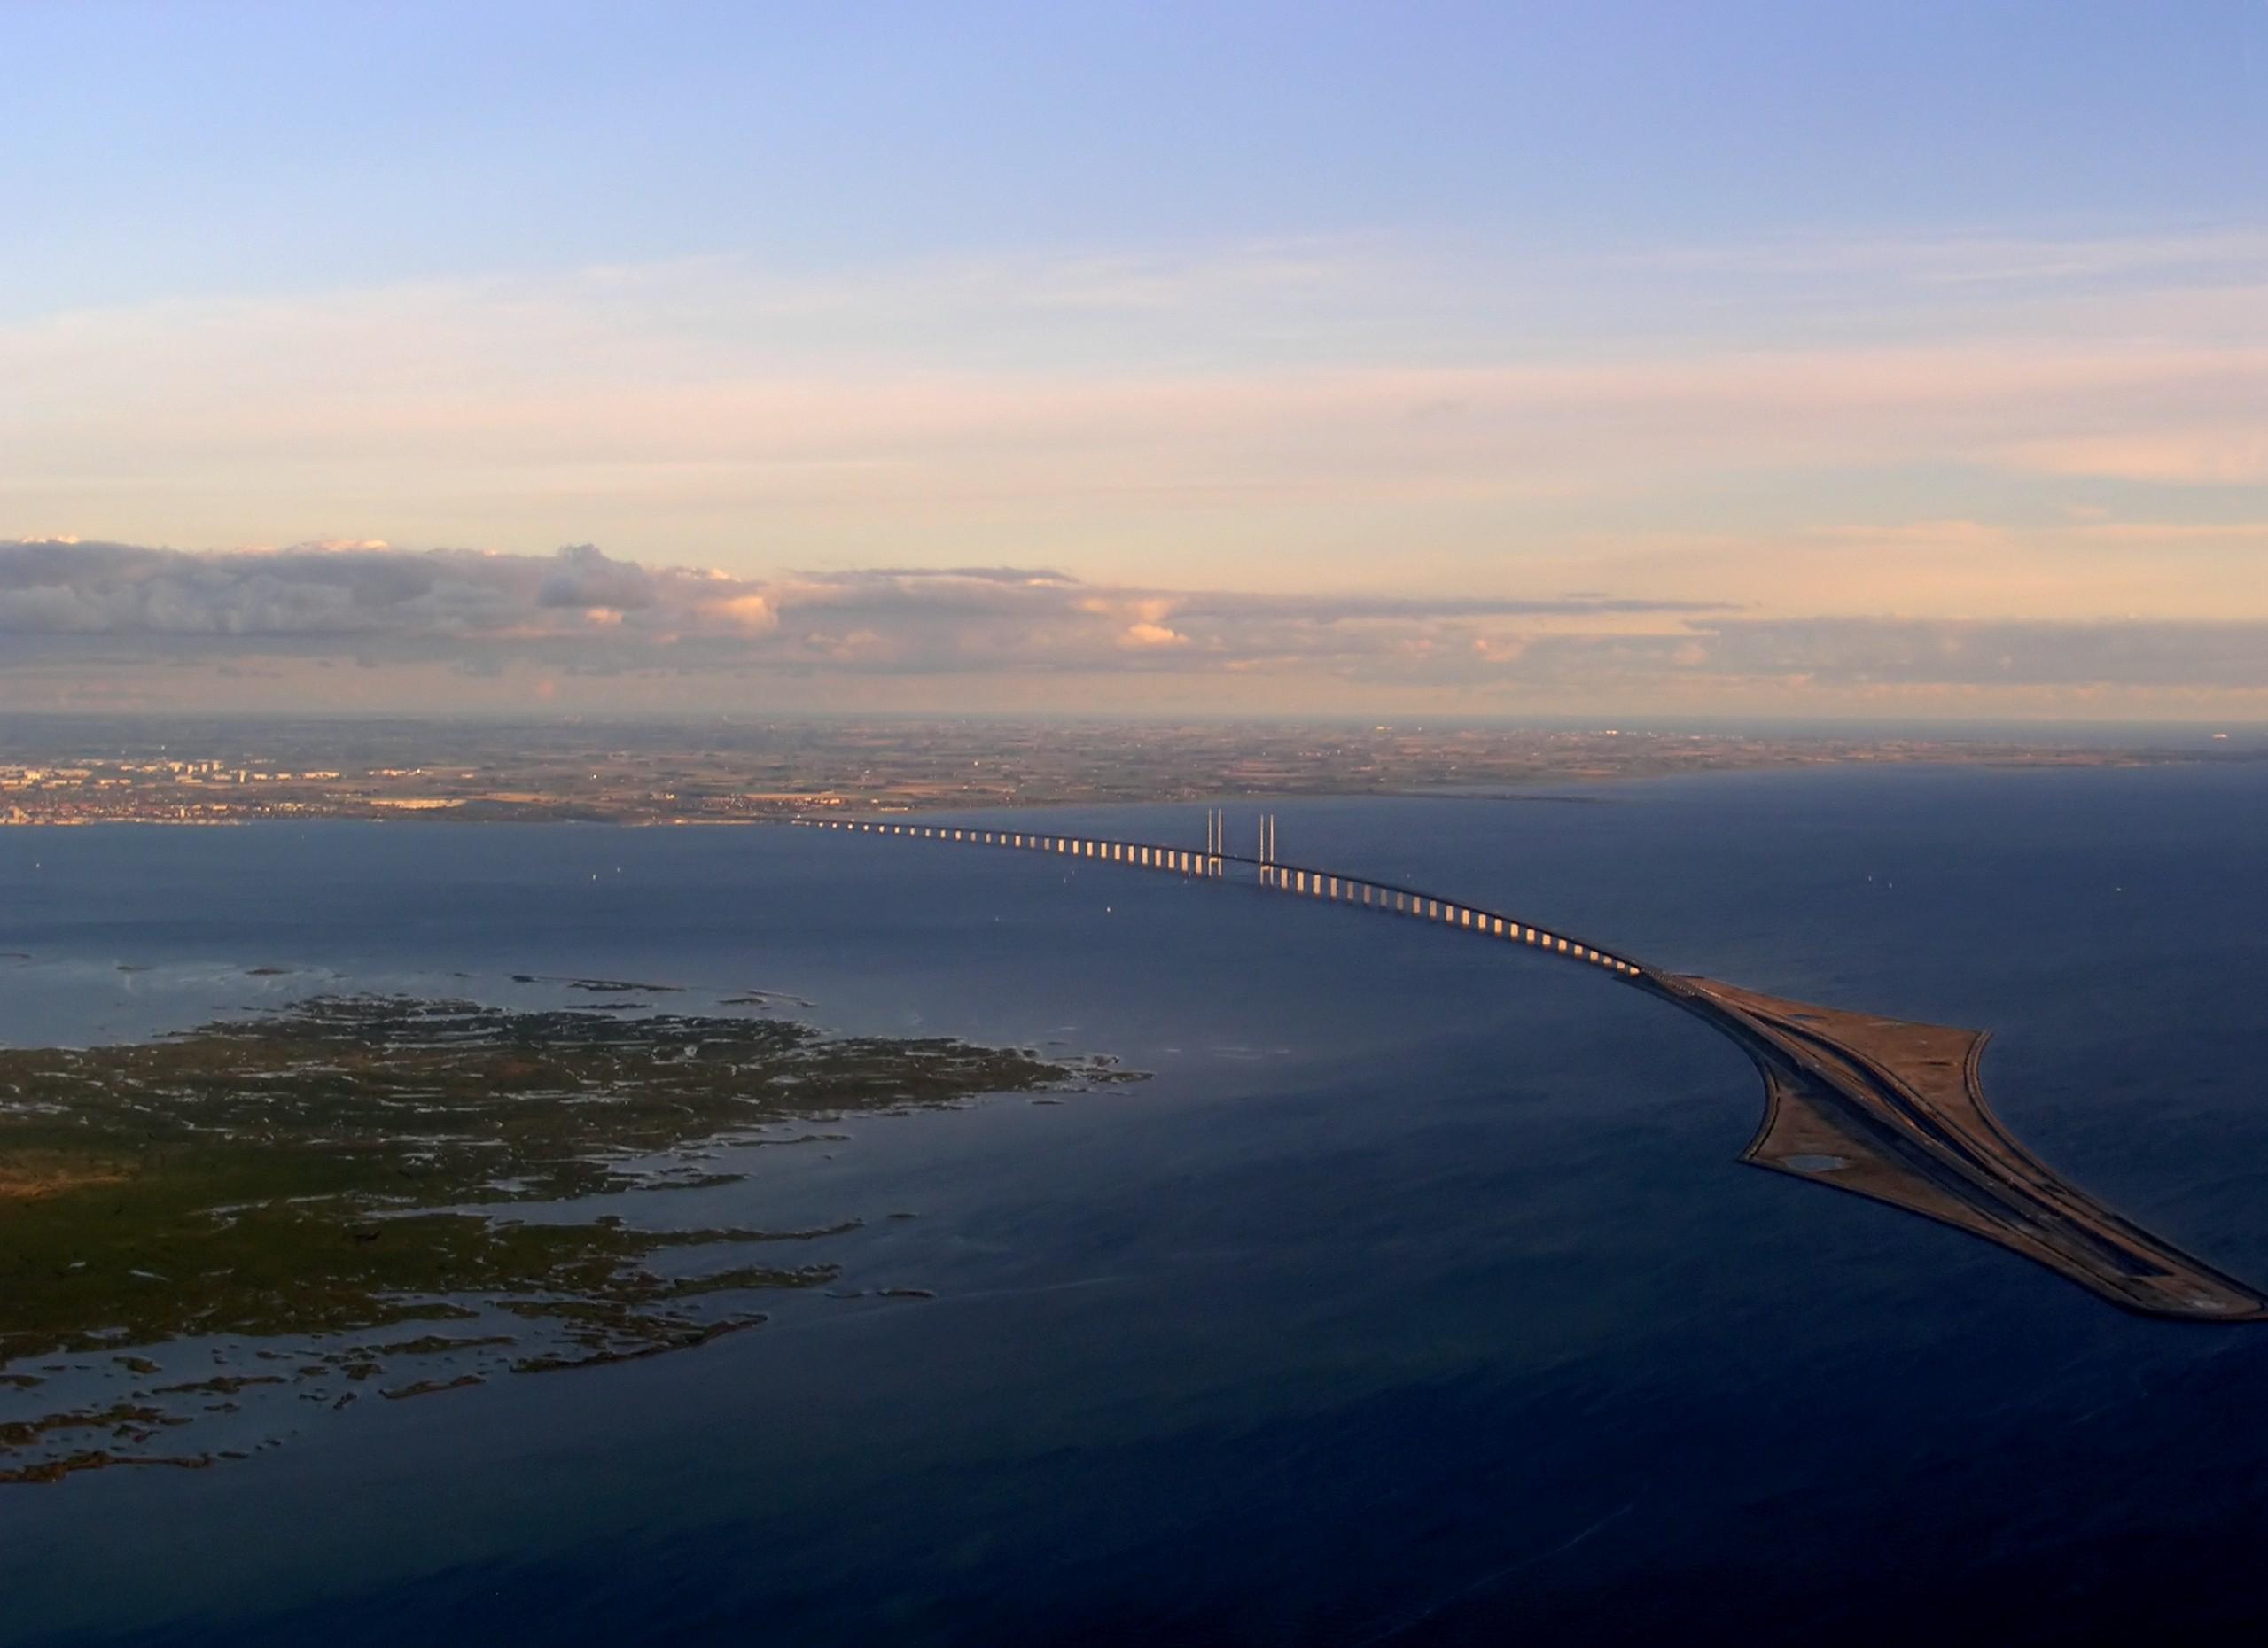 Вид со стороны Копенгагена. Слева — остров Сальтхольм, справа — искусственный остров Пеберхольм. На горизонте виден Мальмё.